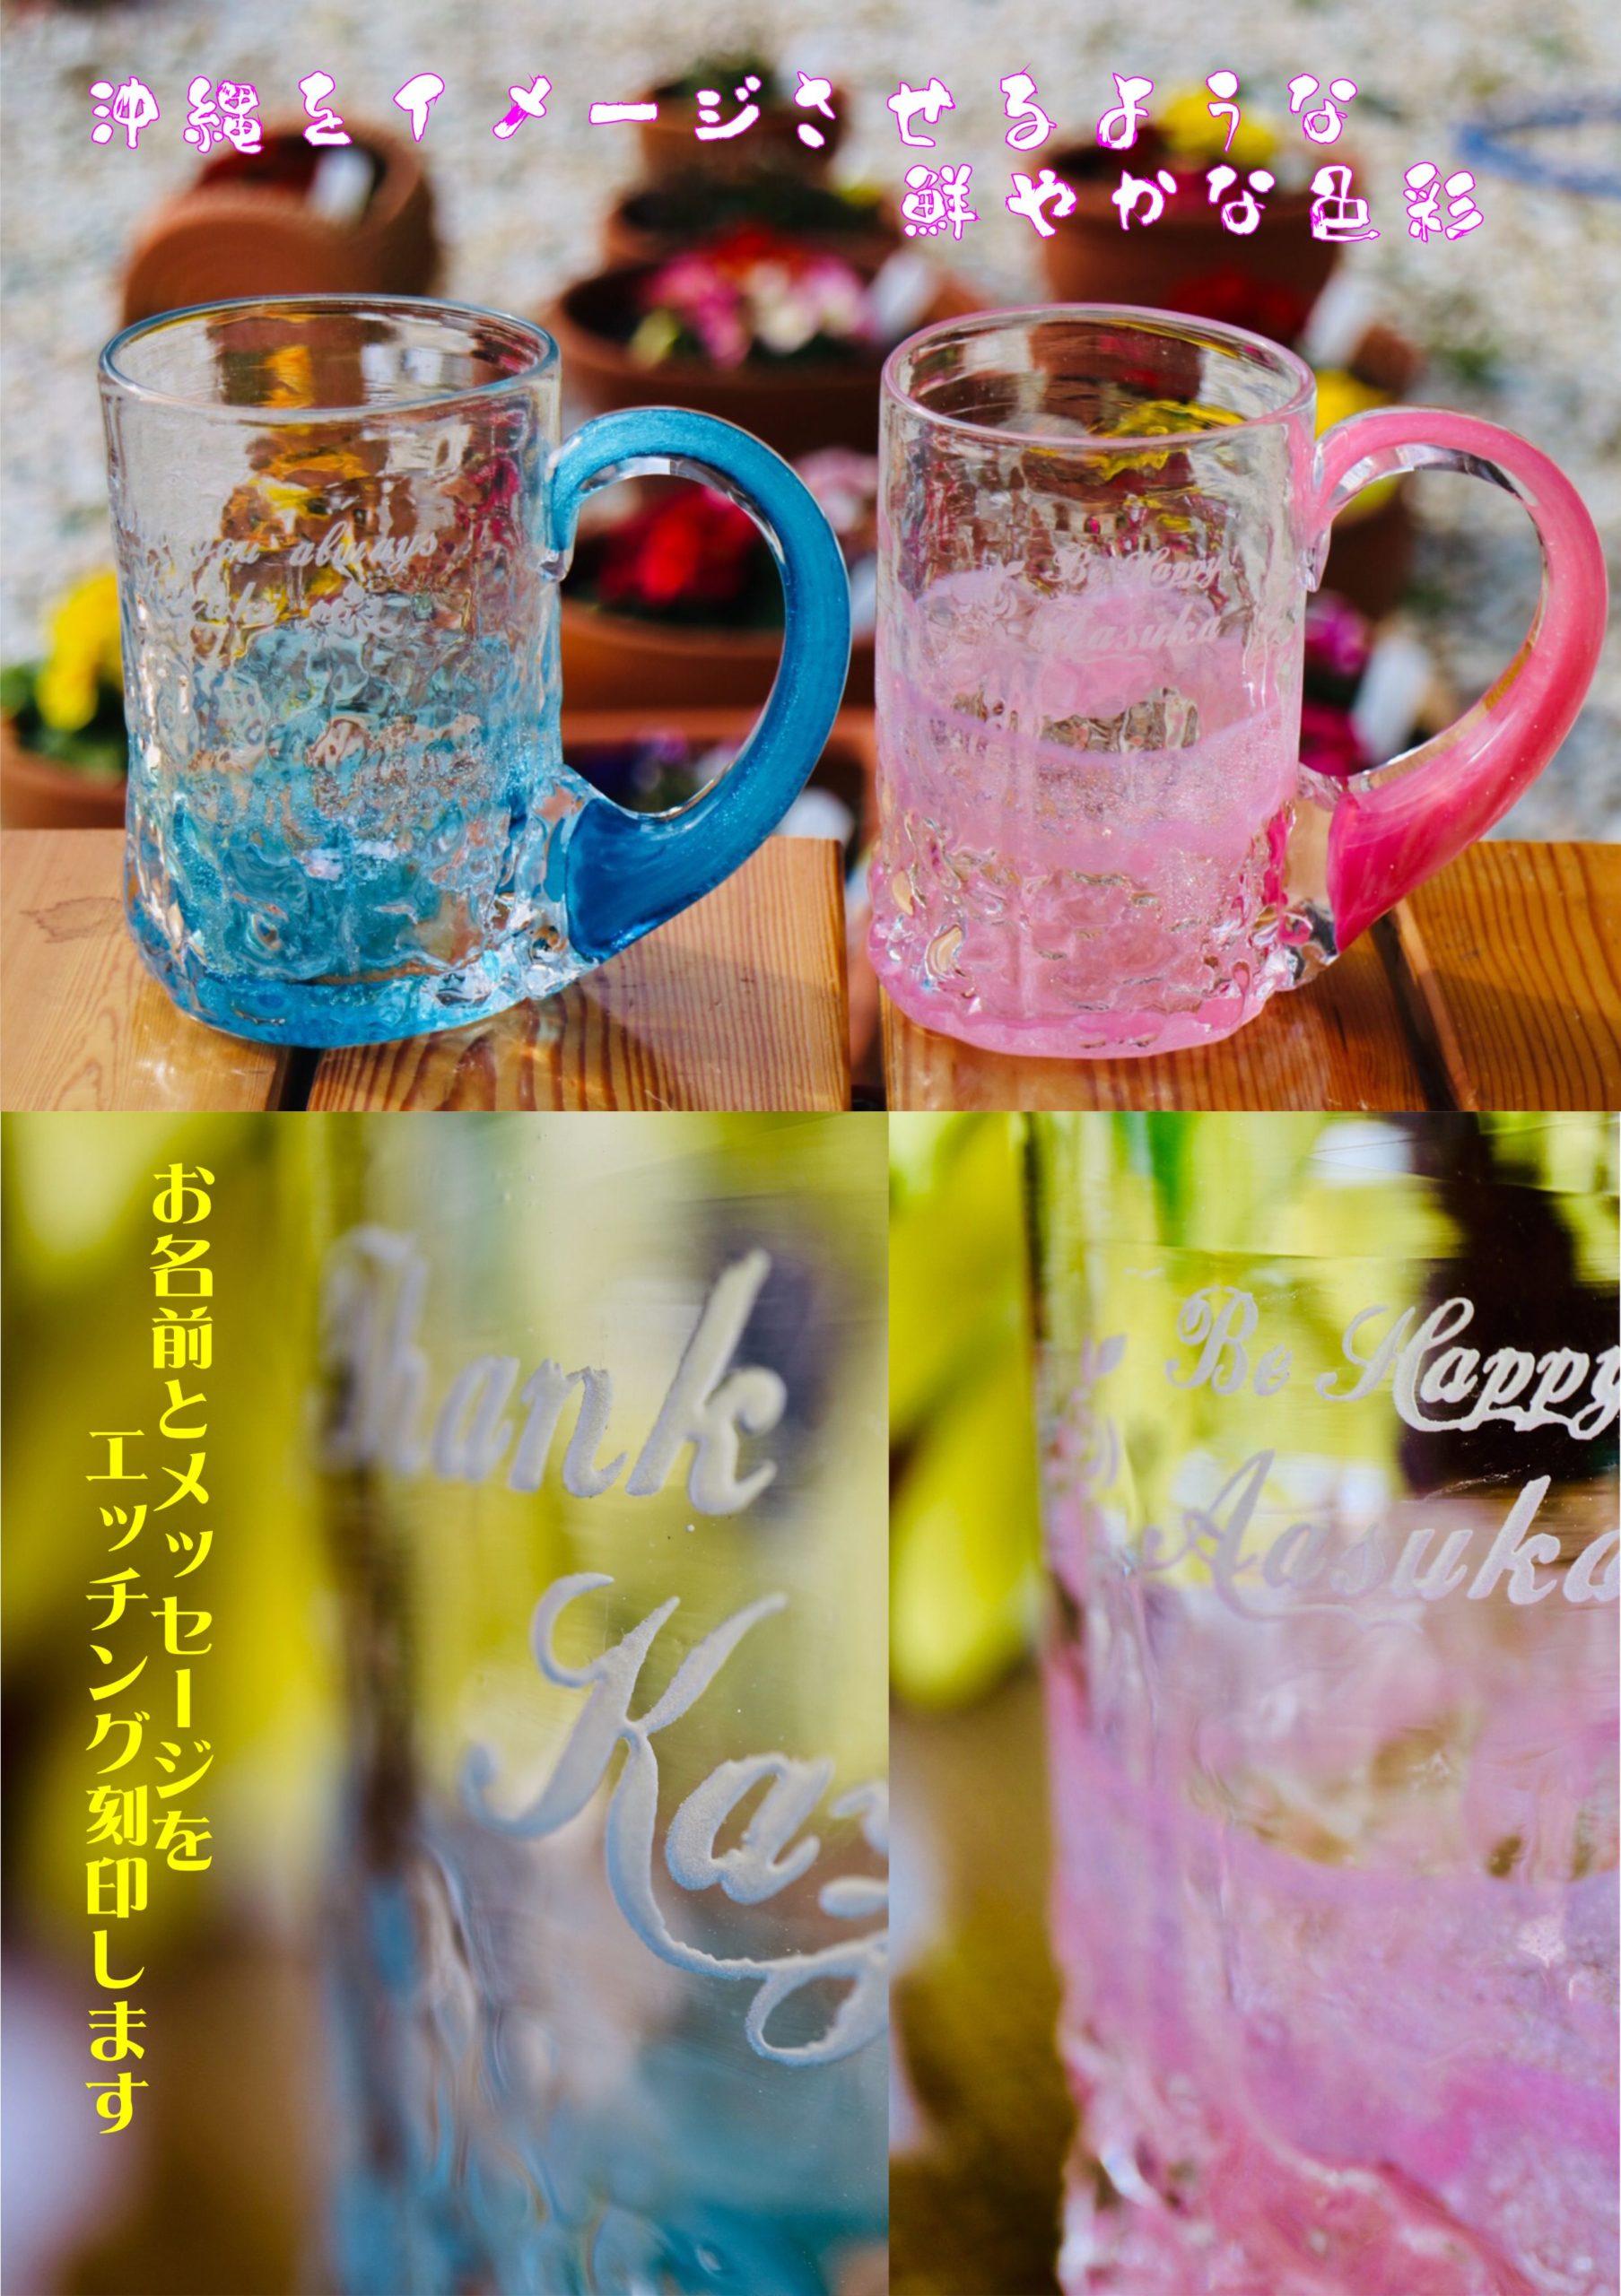 沖縄の豊かな自然の色彩をイメージさせるような♬ 水色&ピンクのビアマグペアSET